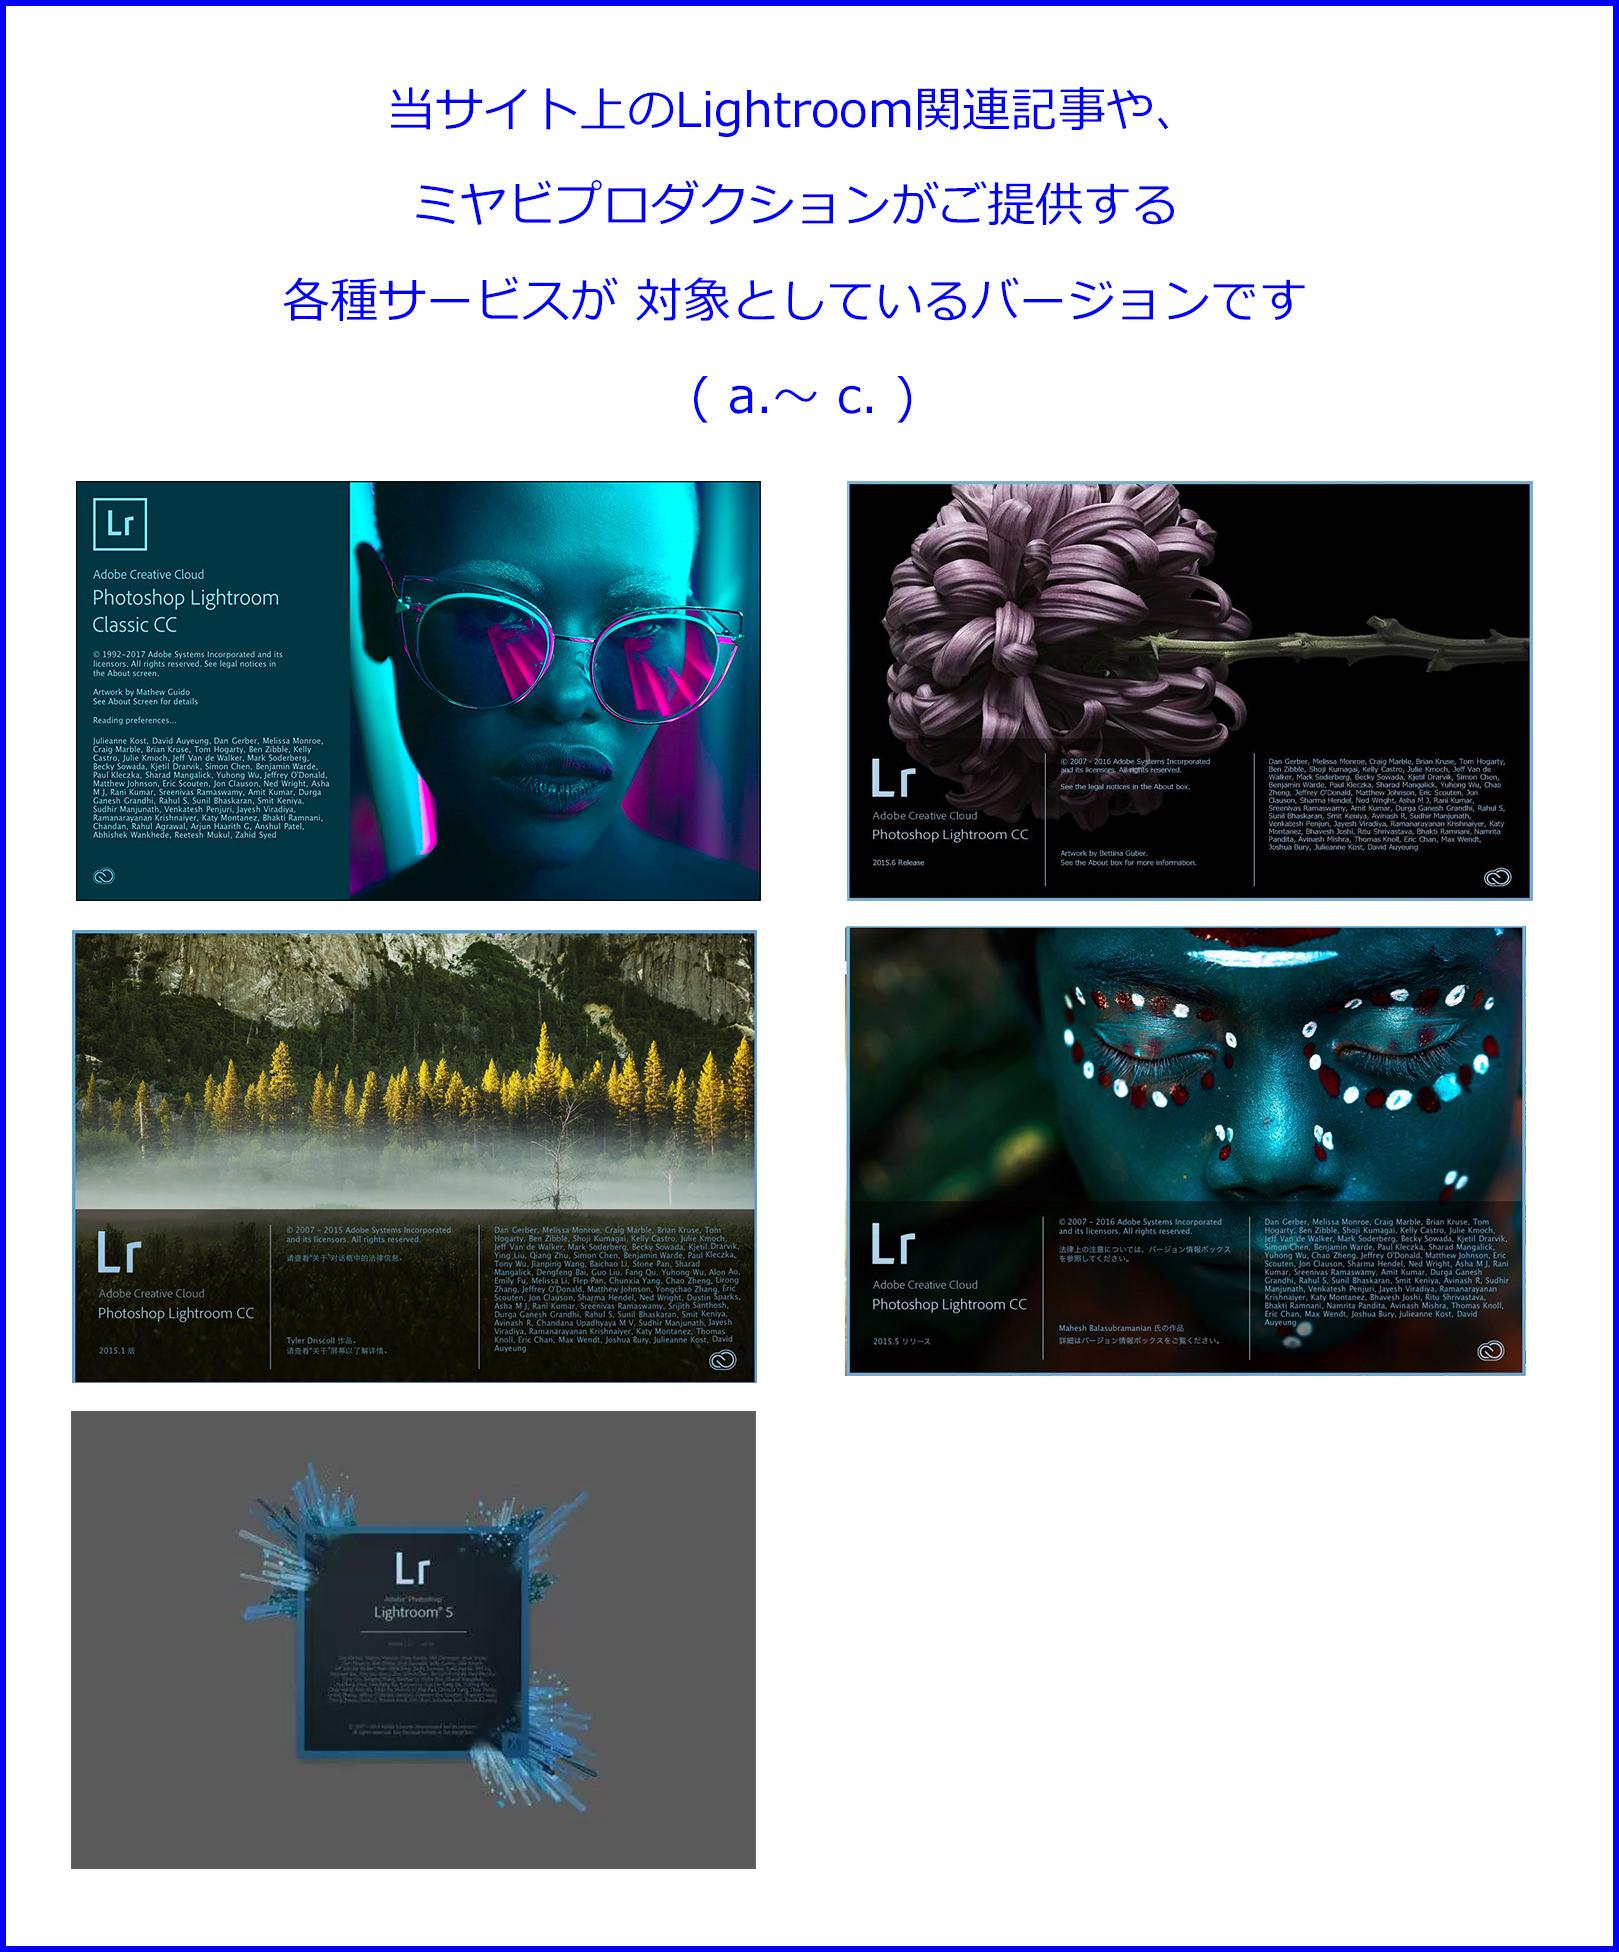 スプラッシュスクリーン2-LightroomClassic他